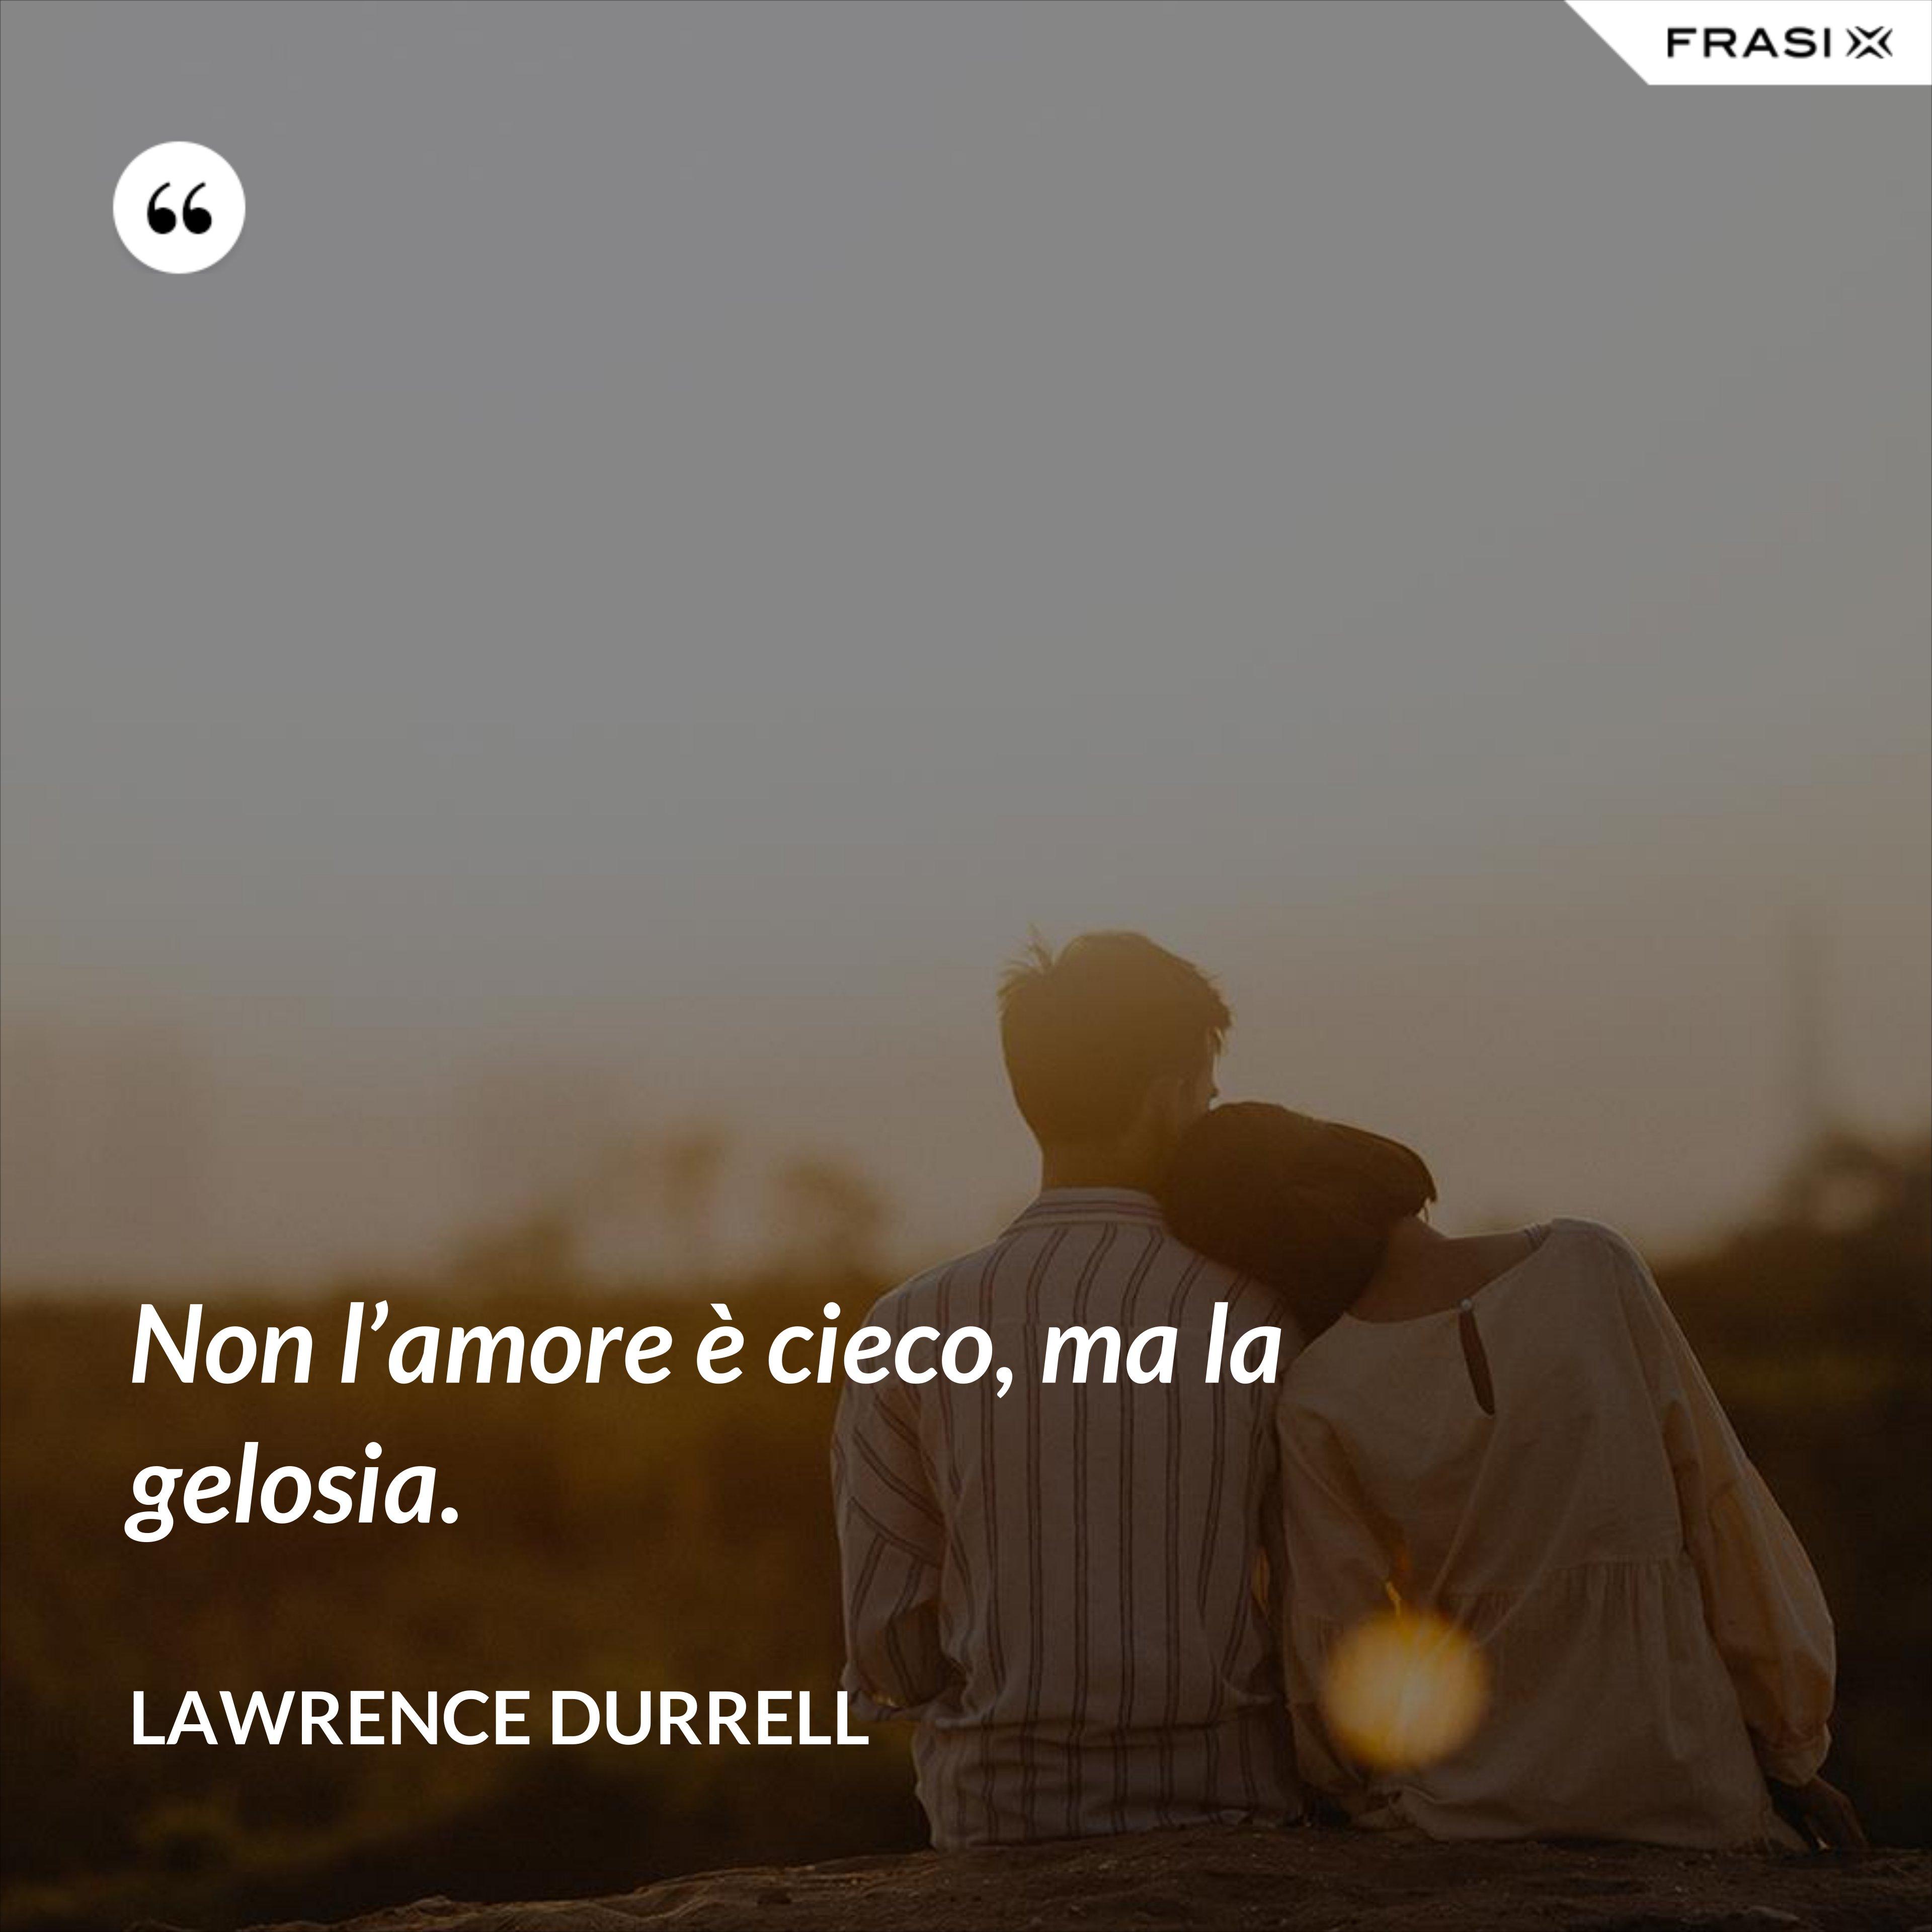 Non l'amore è cieco, ma la gelosia. - Lawrence Durrell